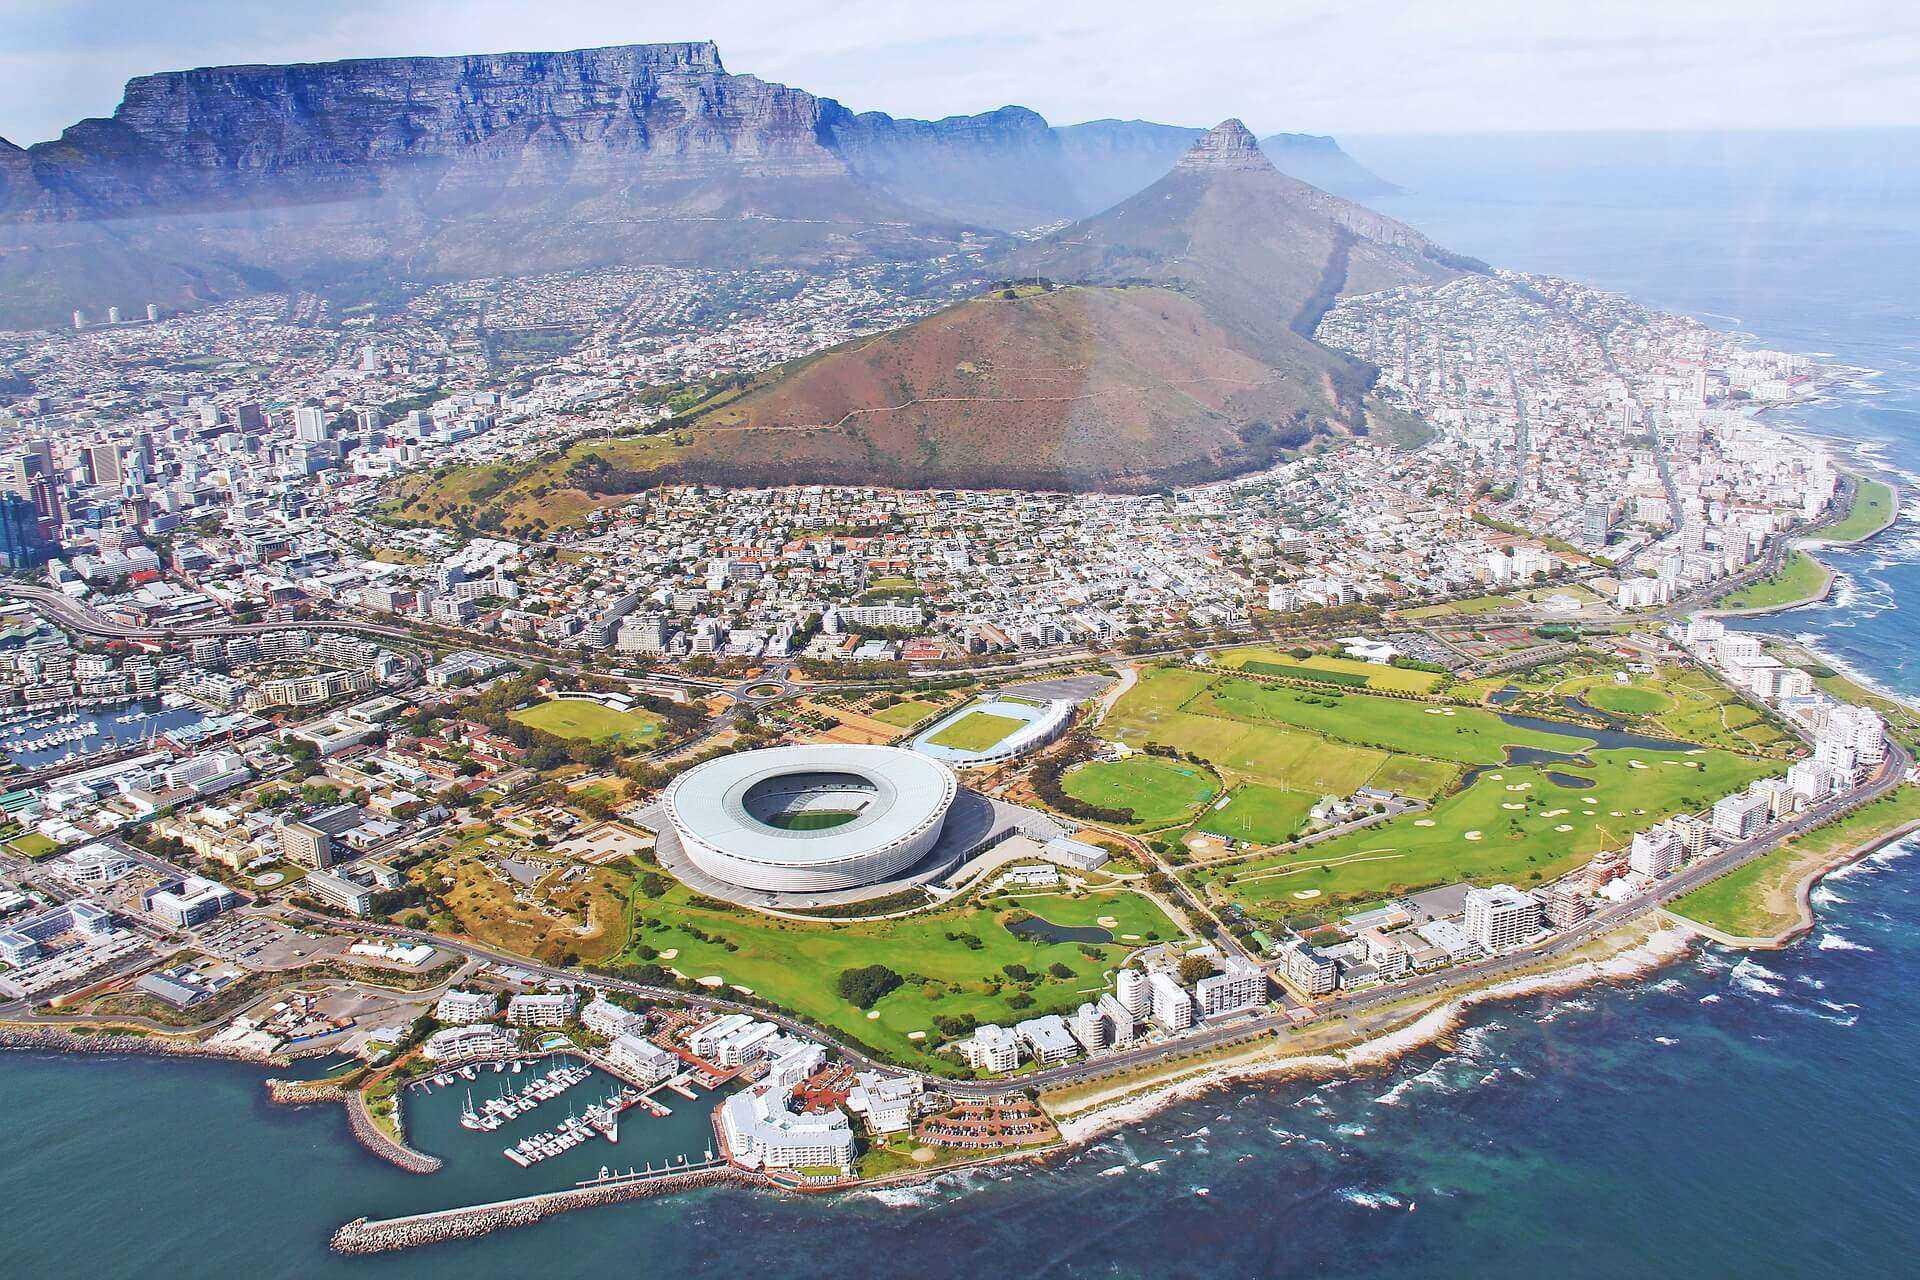 Direktflüge und Billigflüge nach Kapstadt